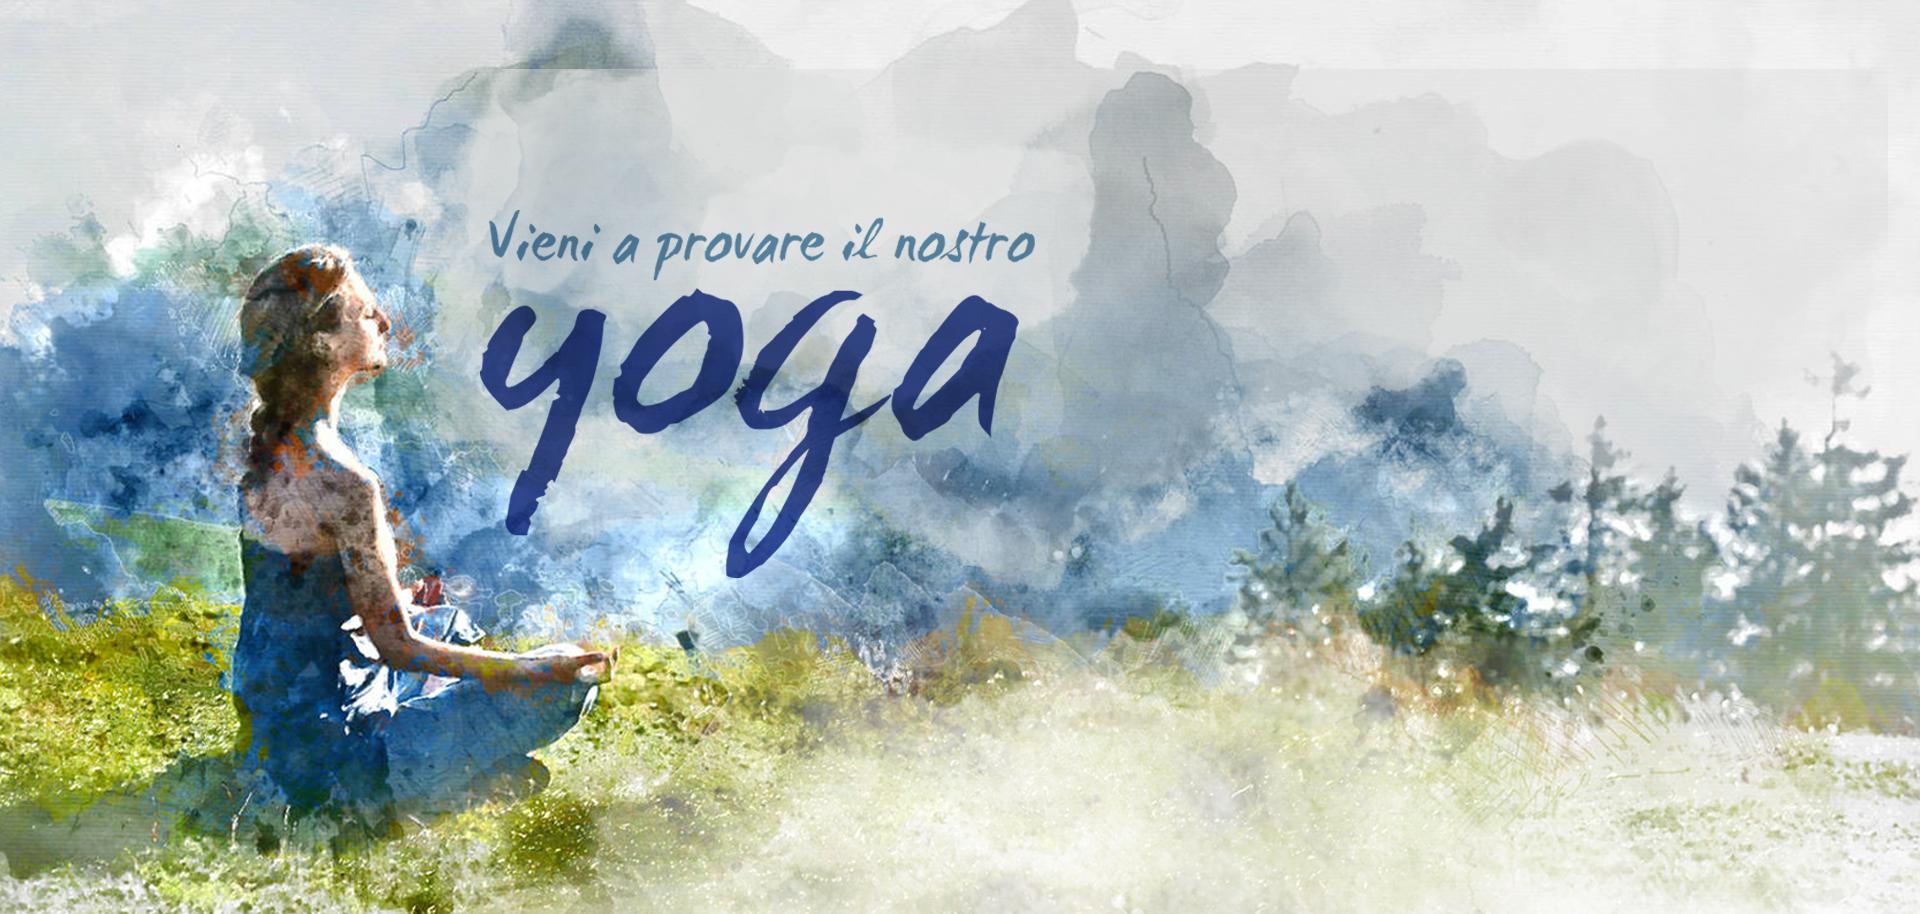 Vieni a provare il nostro Yoga